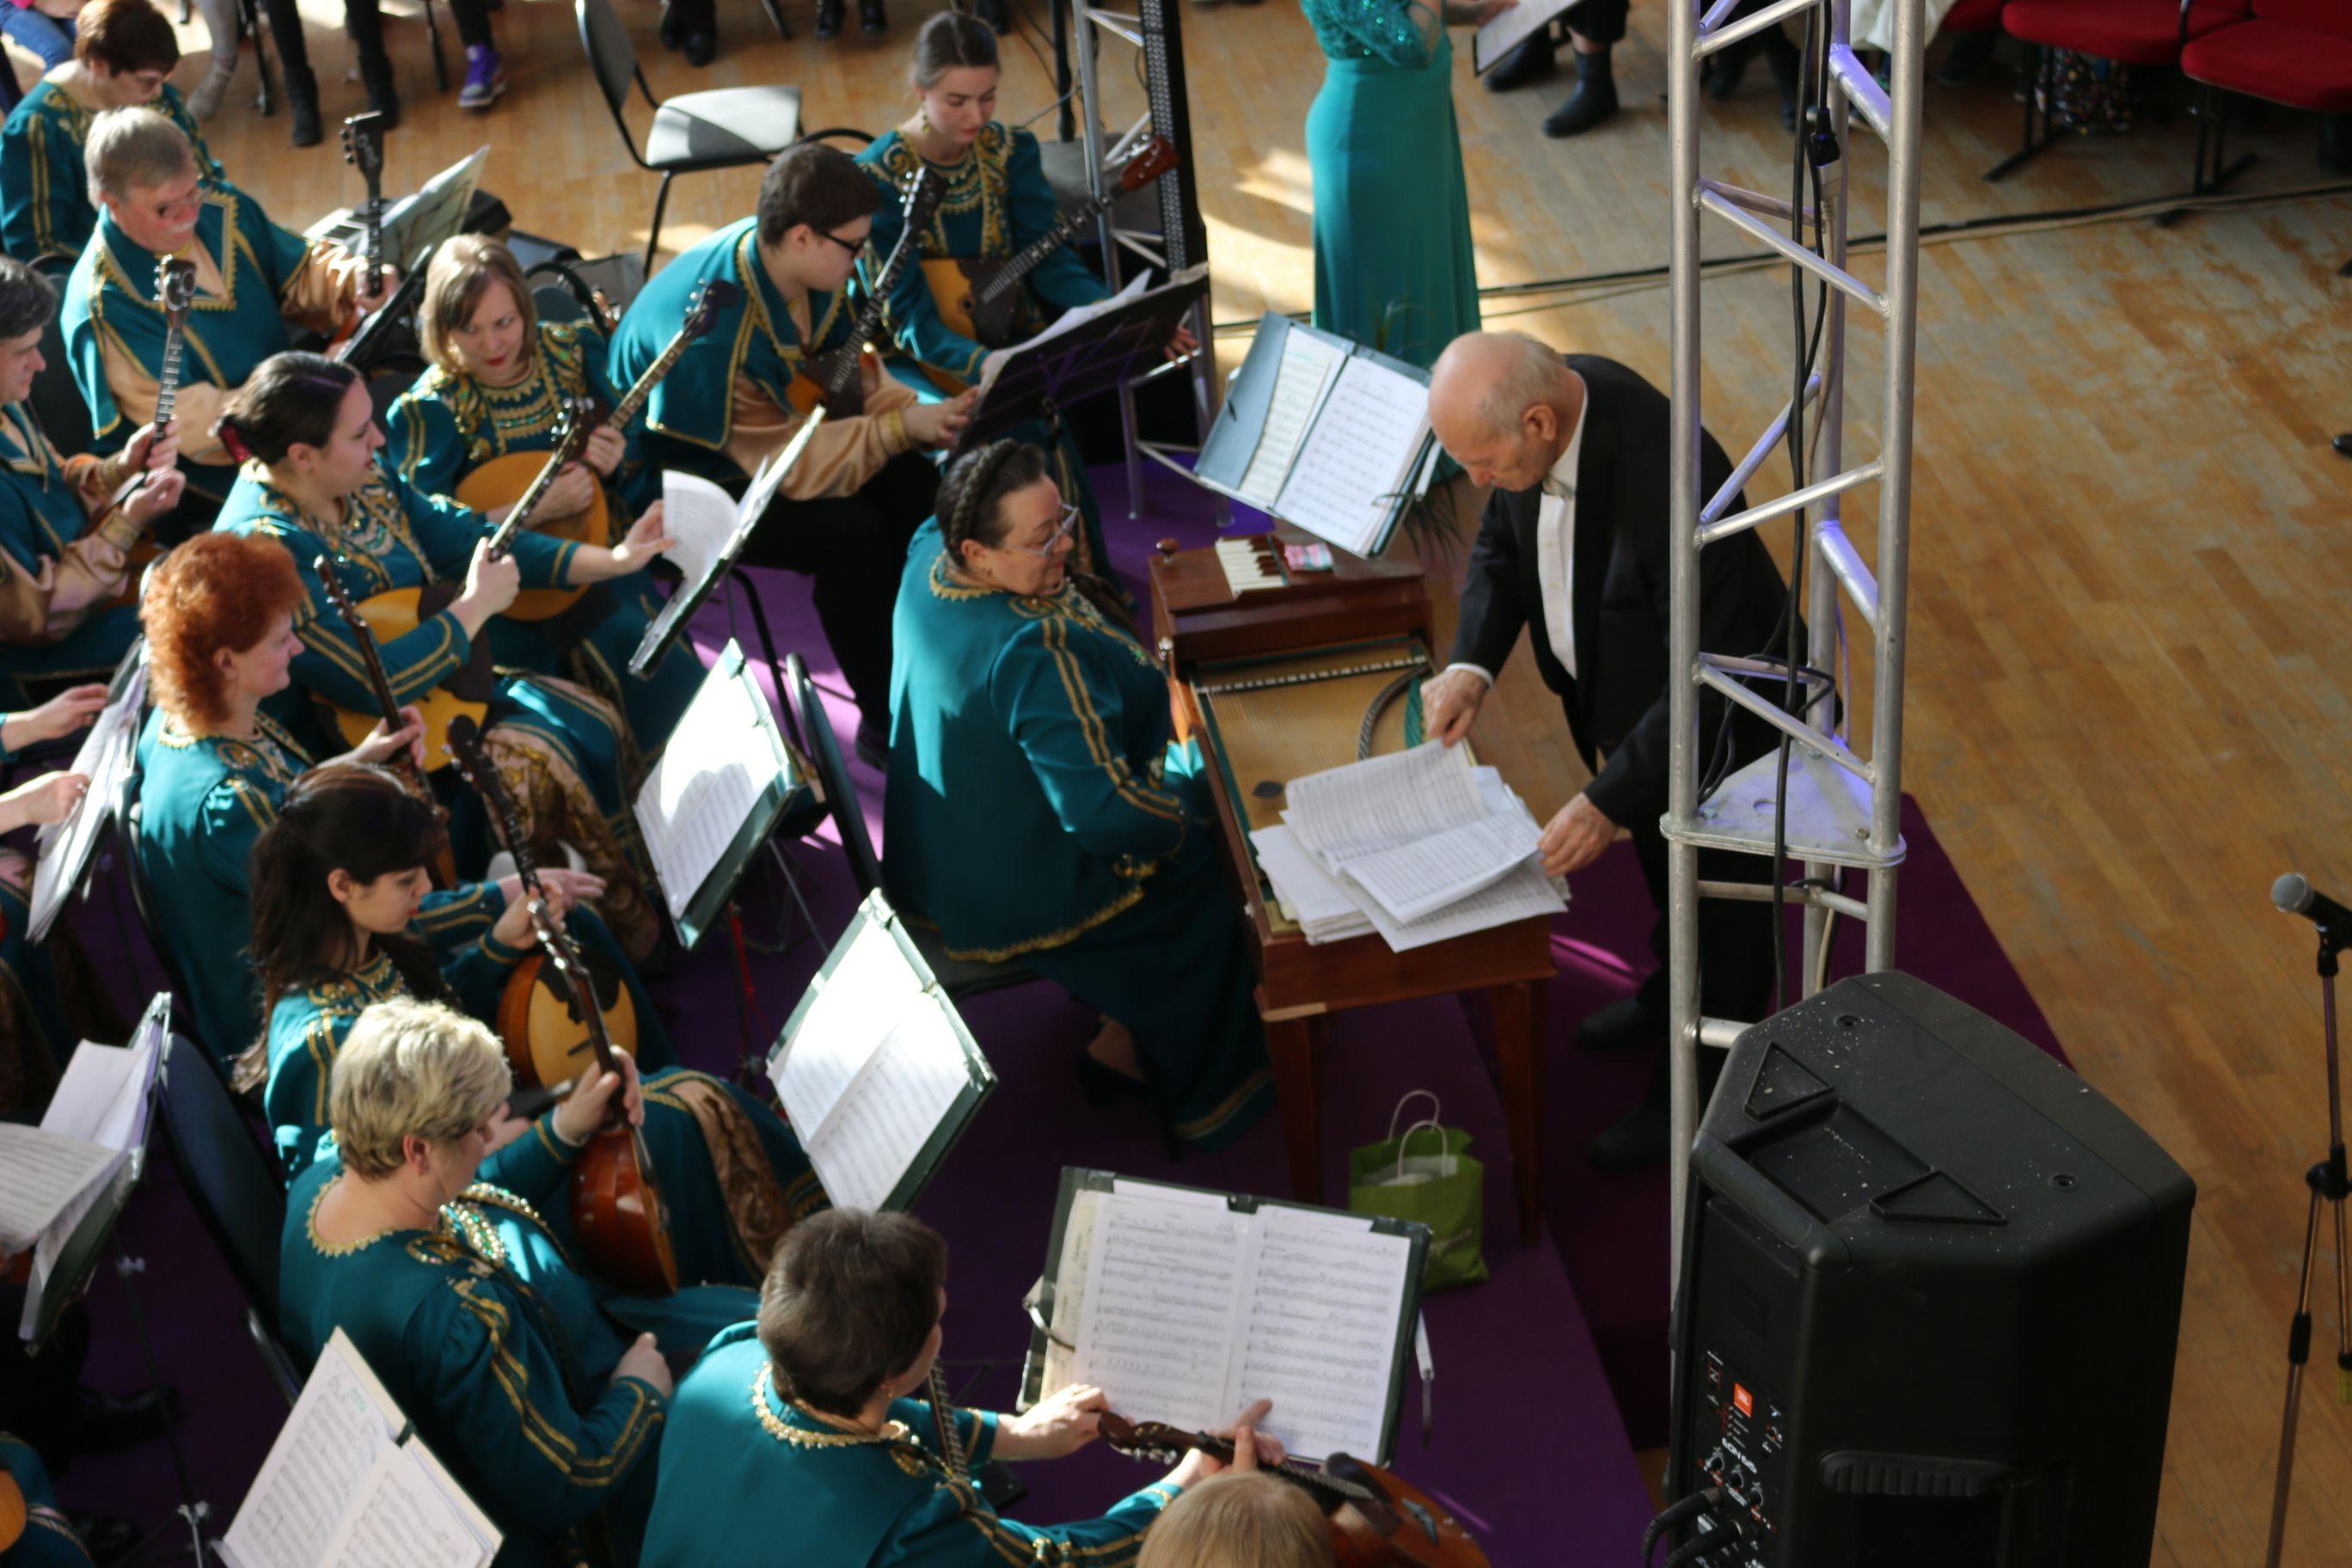 Балалайка, домра и аккордеон: Оркестр русских народных инструментов в лицах